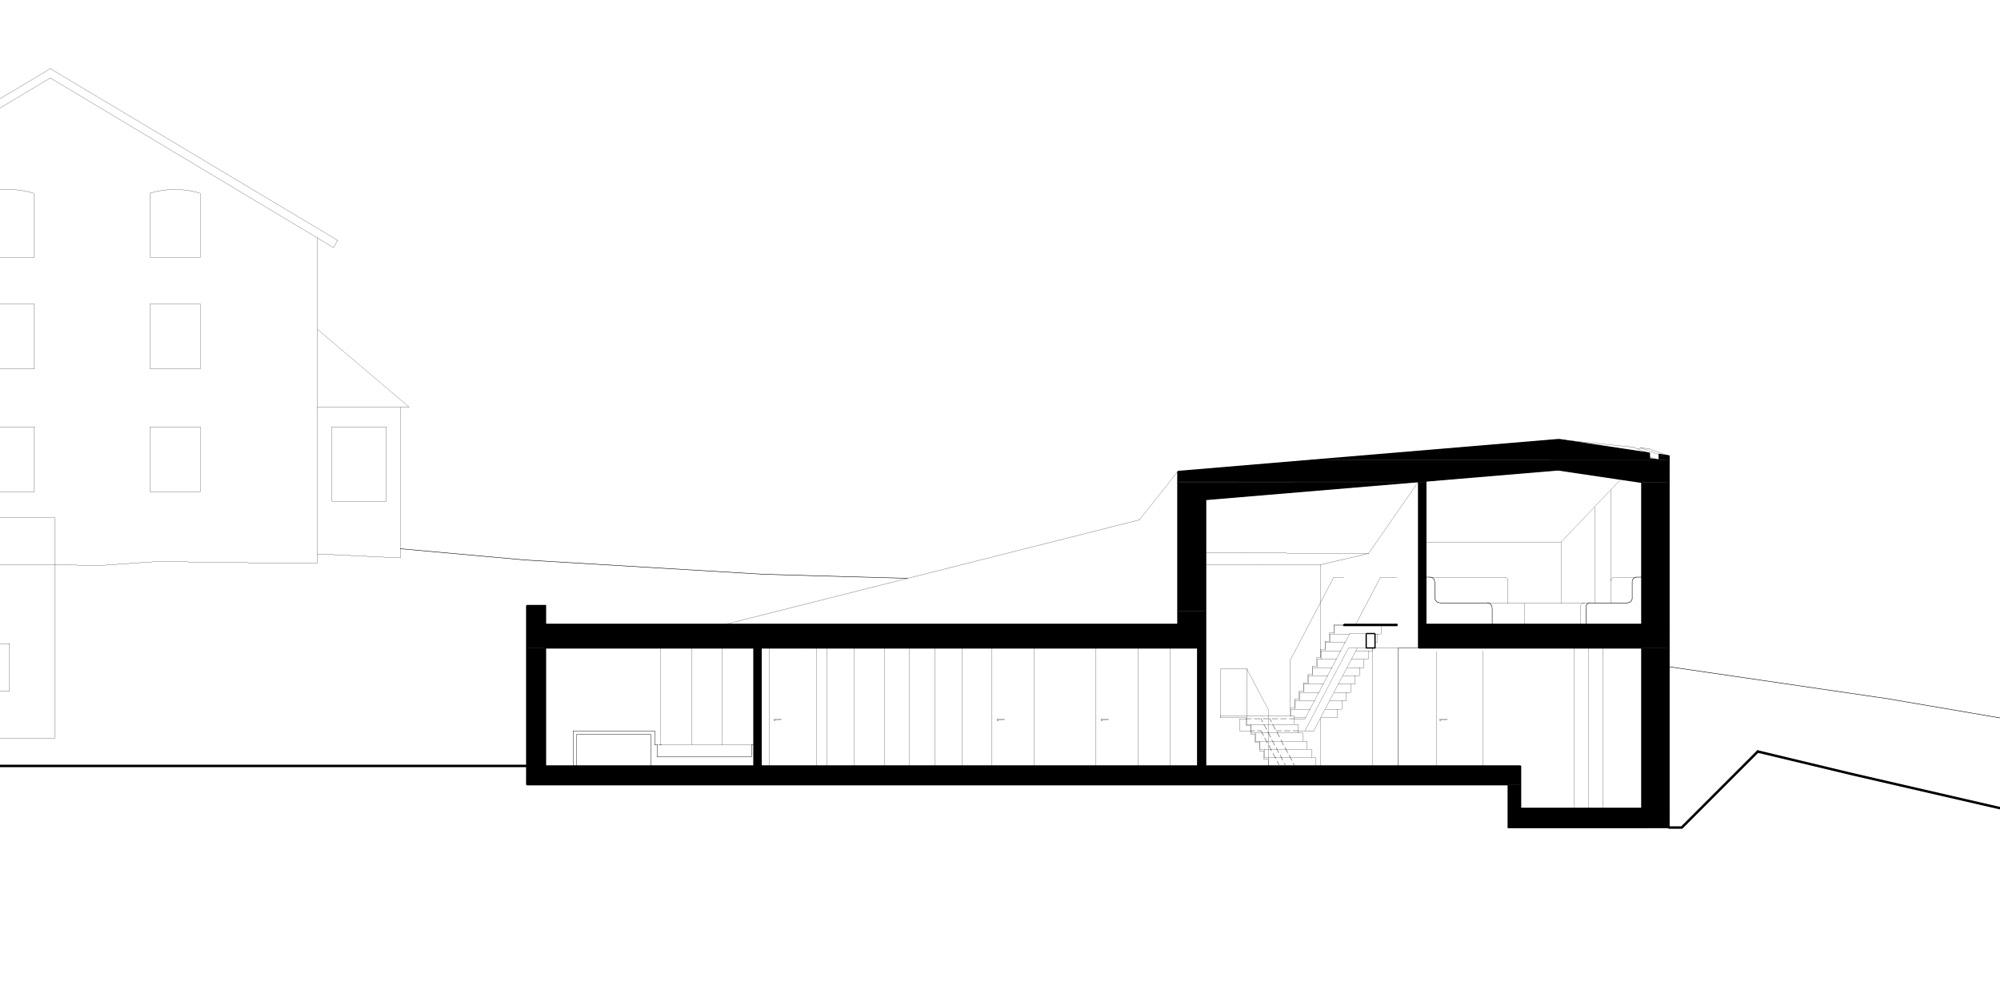 SEZIONE AA © bergmeisterwolf architekten